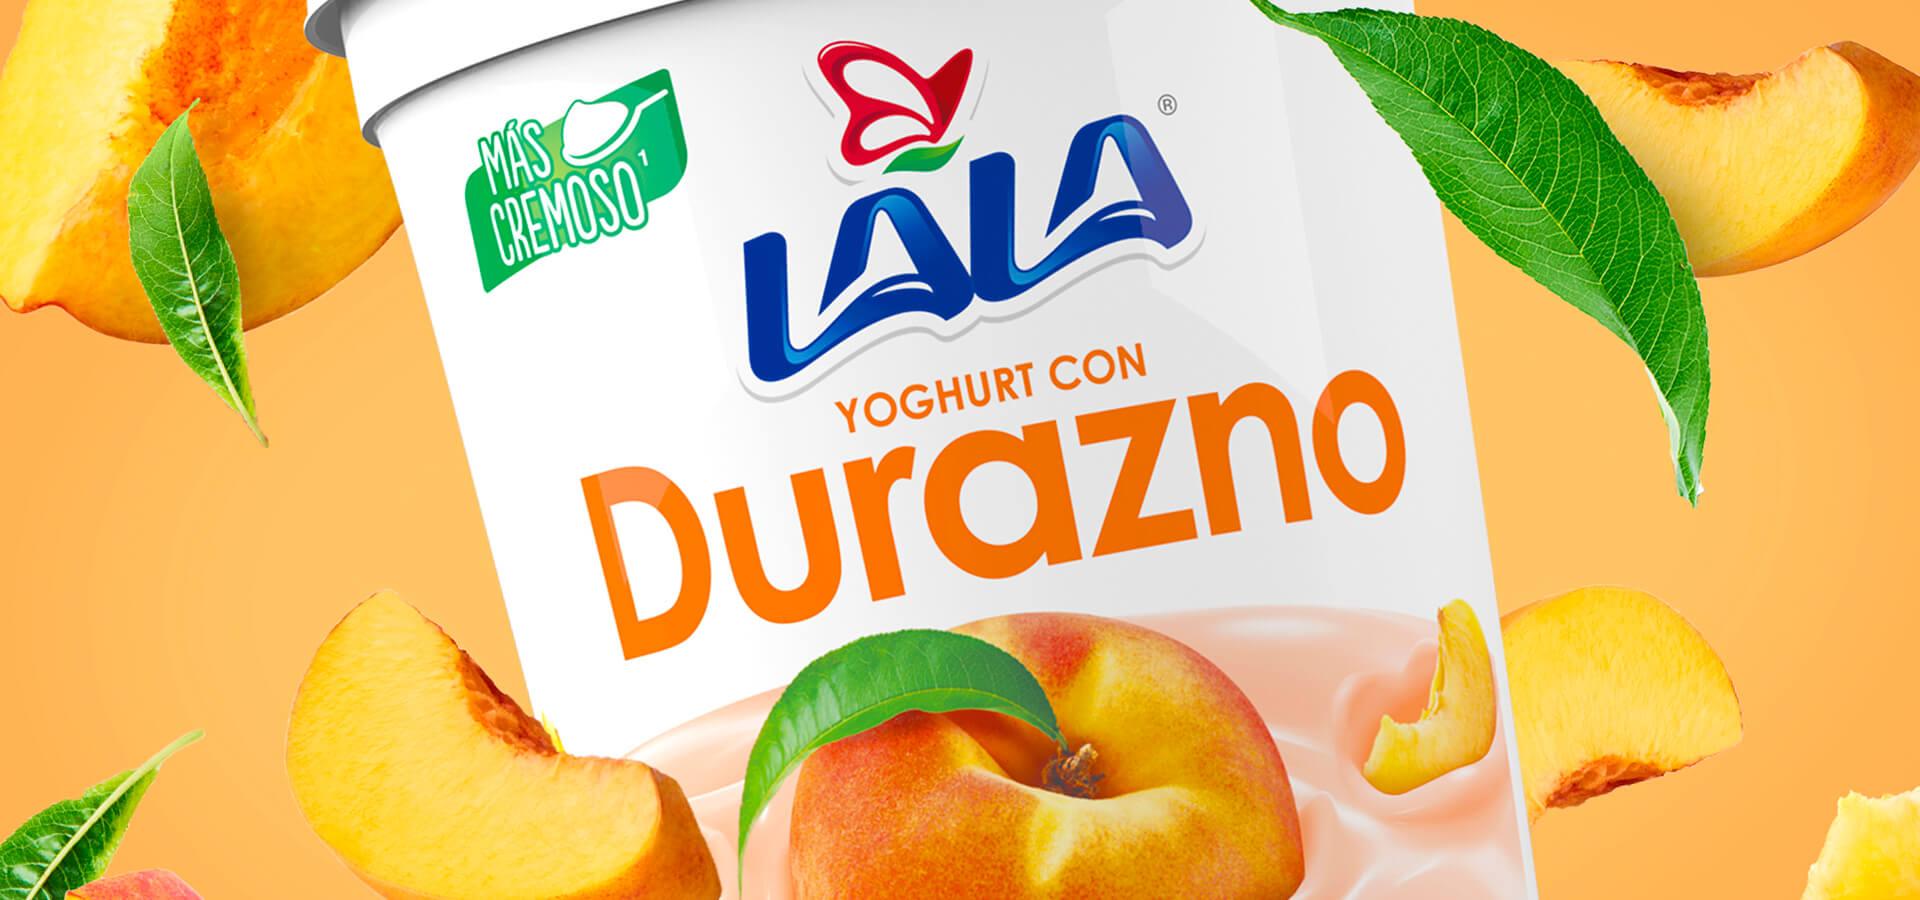 Yoghurt Lala